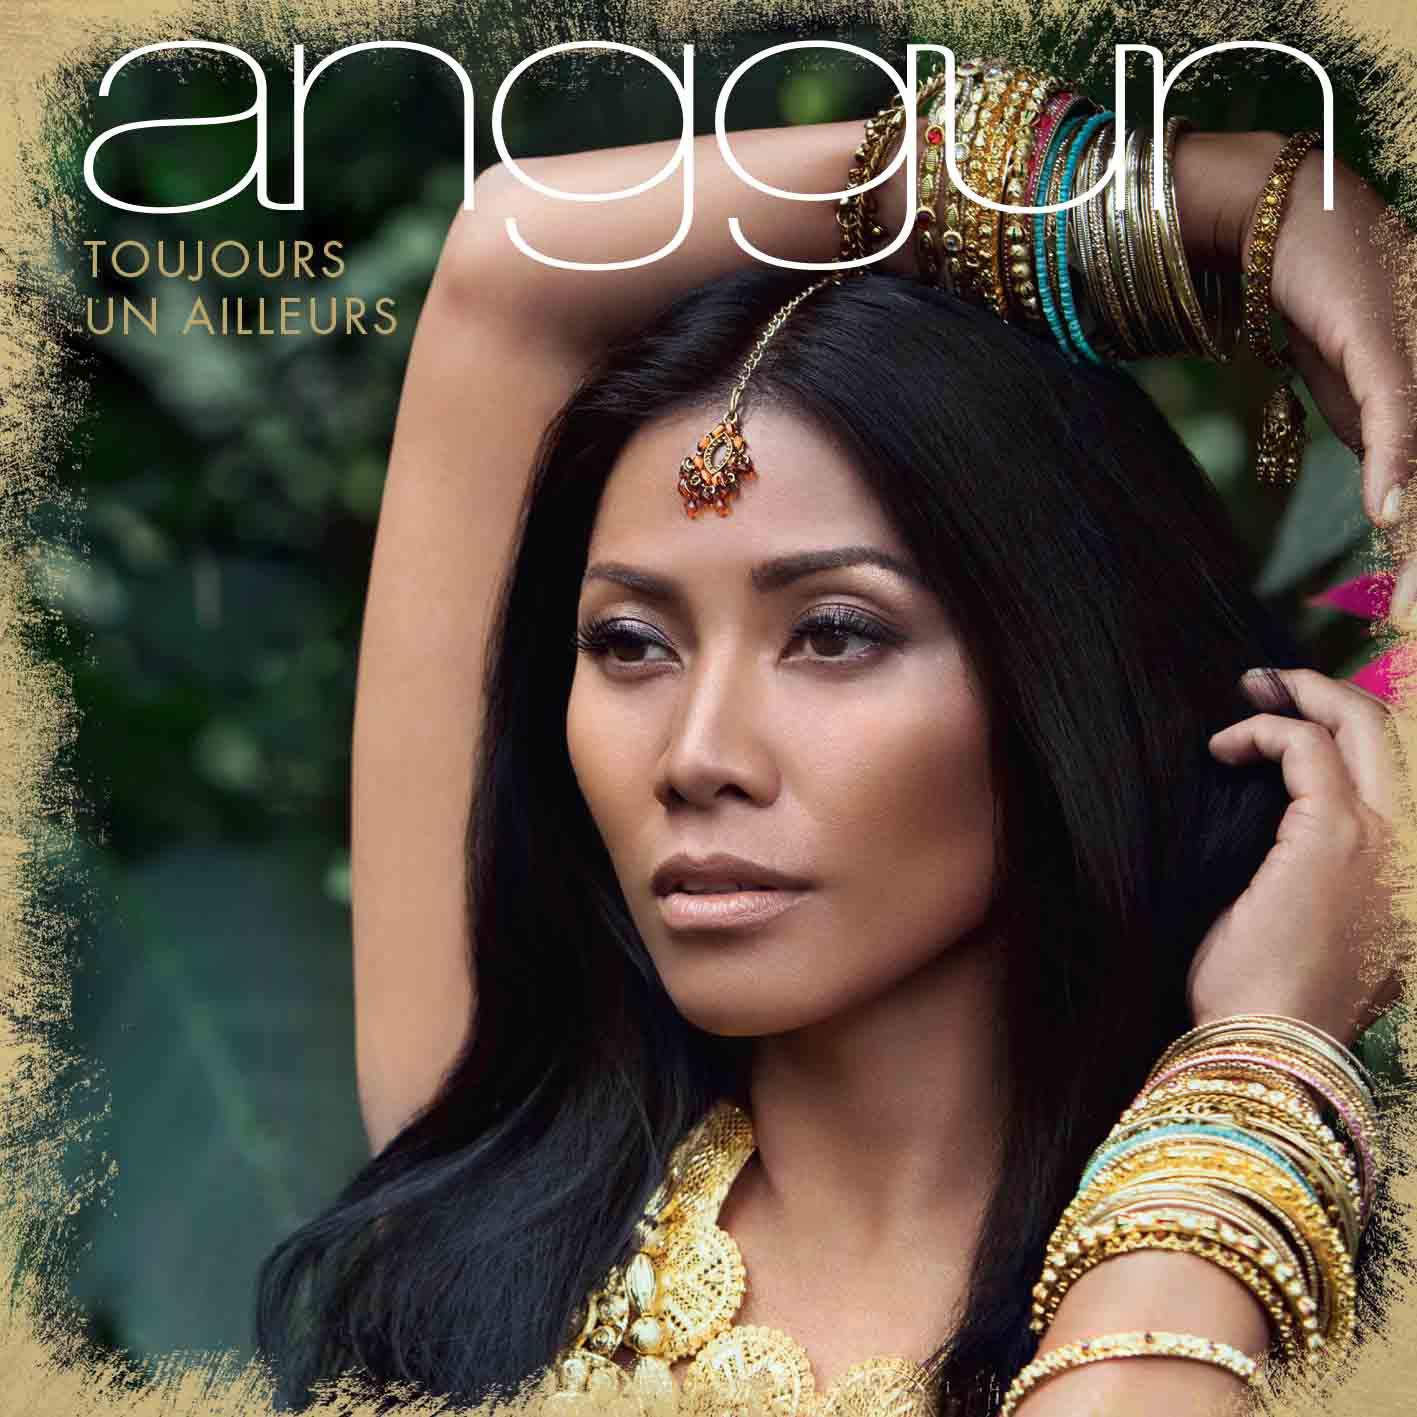 Anggun - Toujours un ailleurs - Pochette album